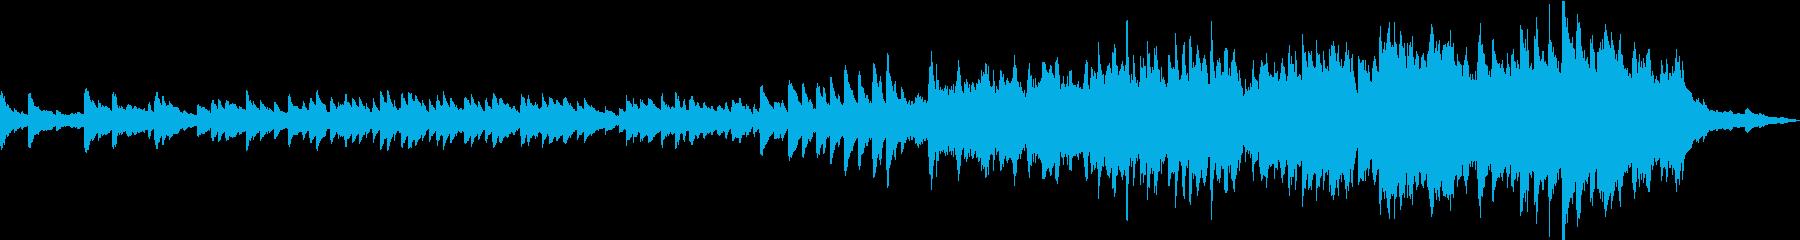 エレガントでドラマティックなピアノソロの再生済みの波形